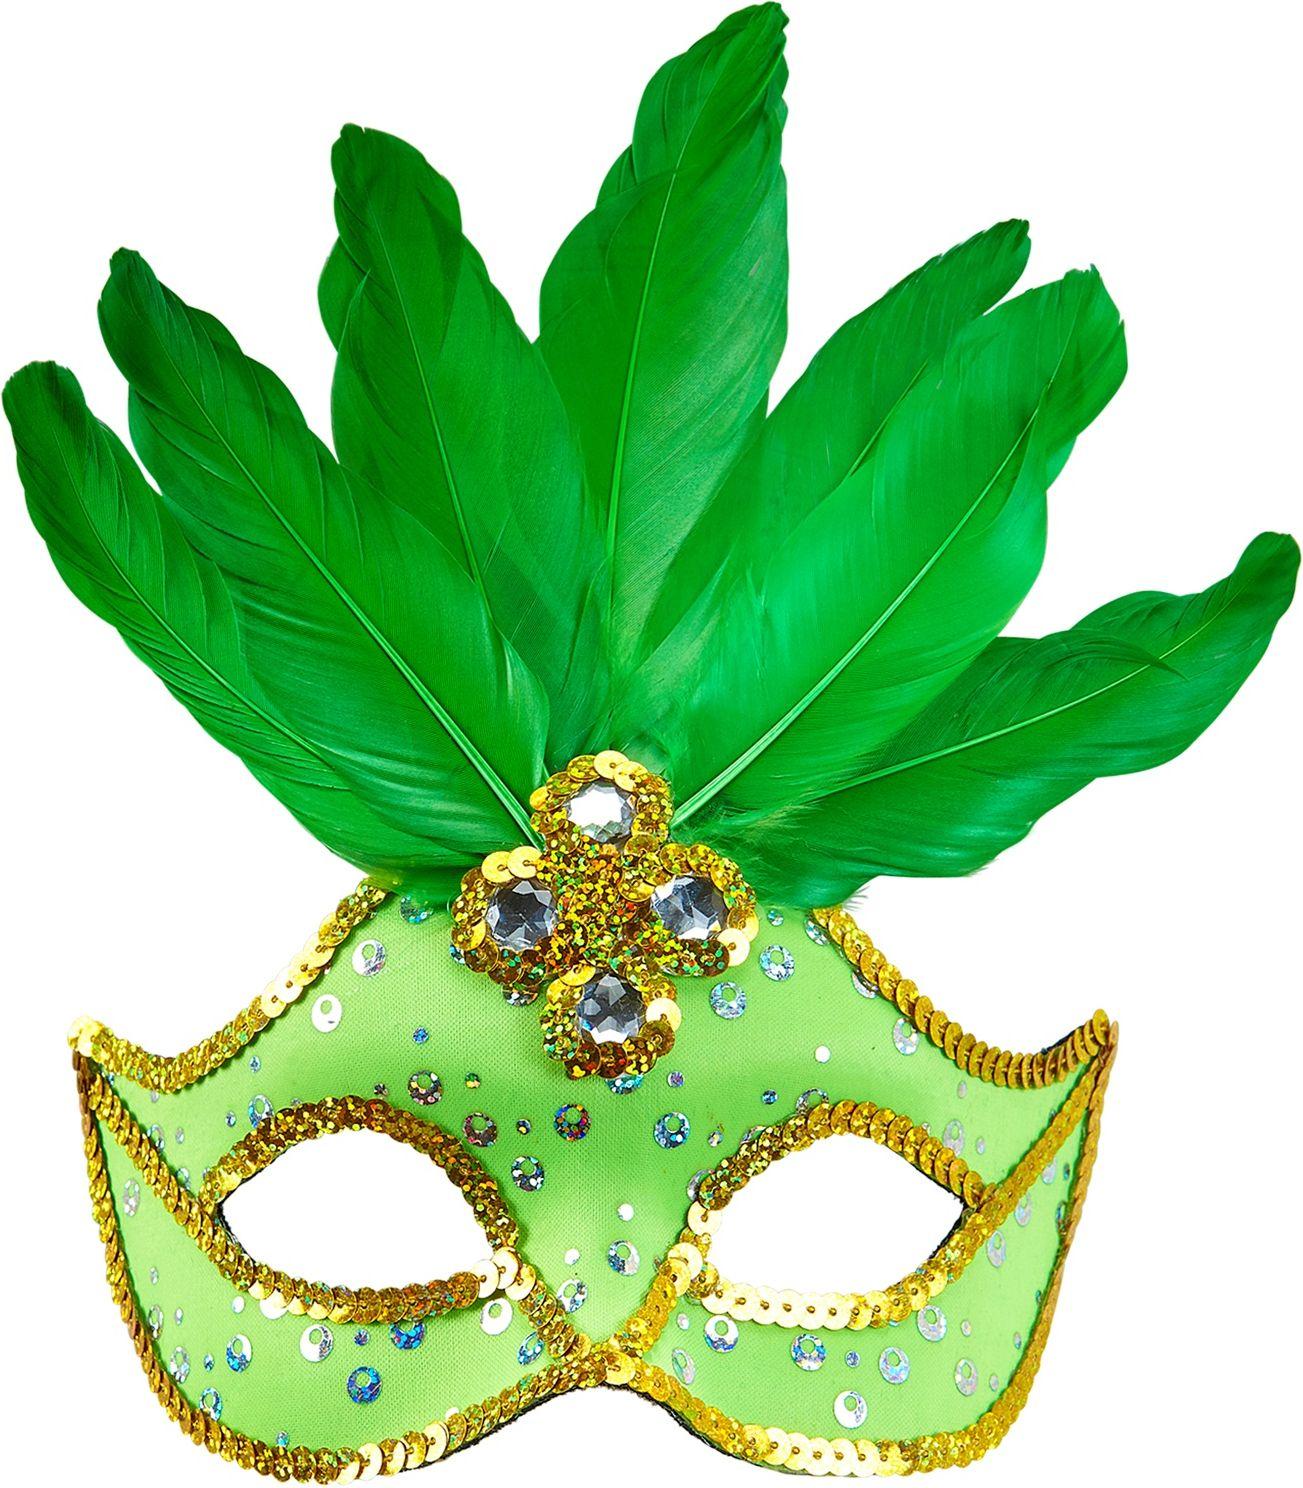 Neon groen braziliaans oogmasker met parels en veren